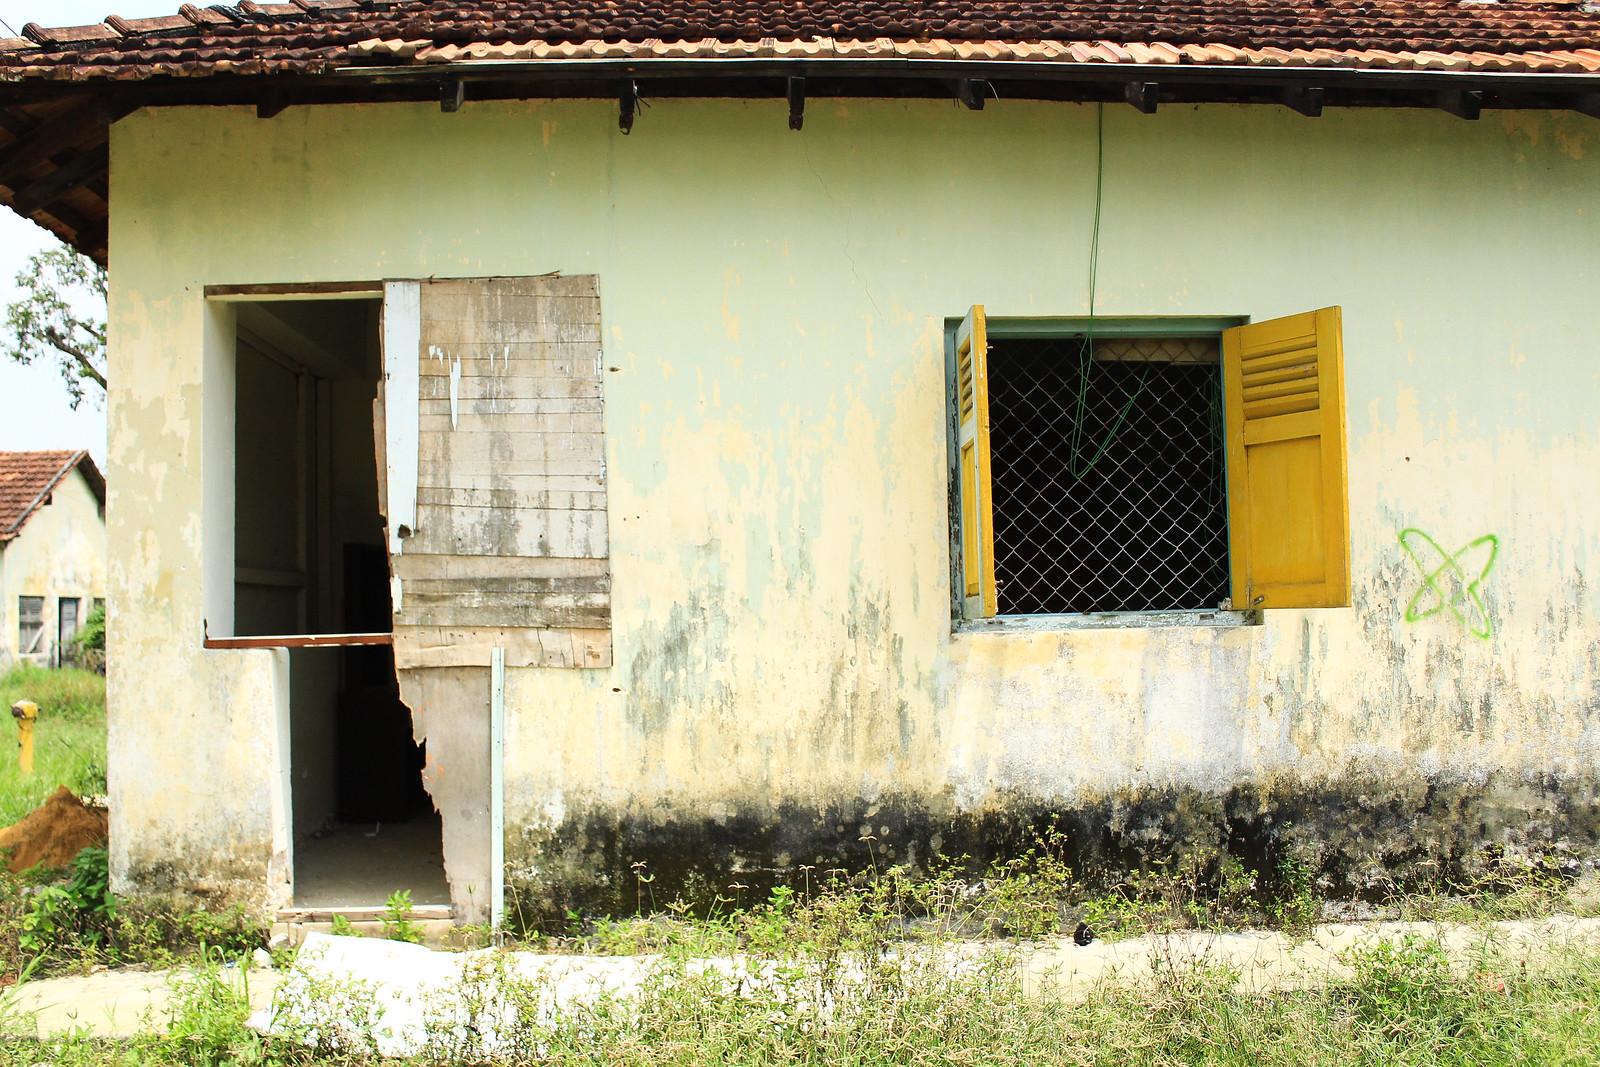 院方以安全之名驅趕外勞,使得院內頓時出現不少空屋,進而引發拆除中院建築的爭議。(攝影:何欣潔)